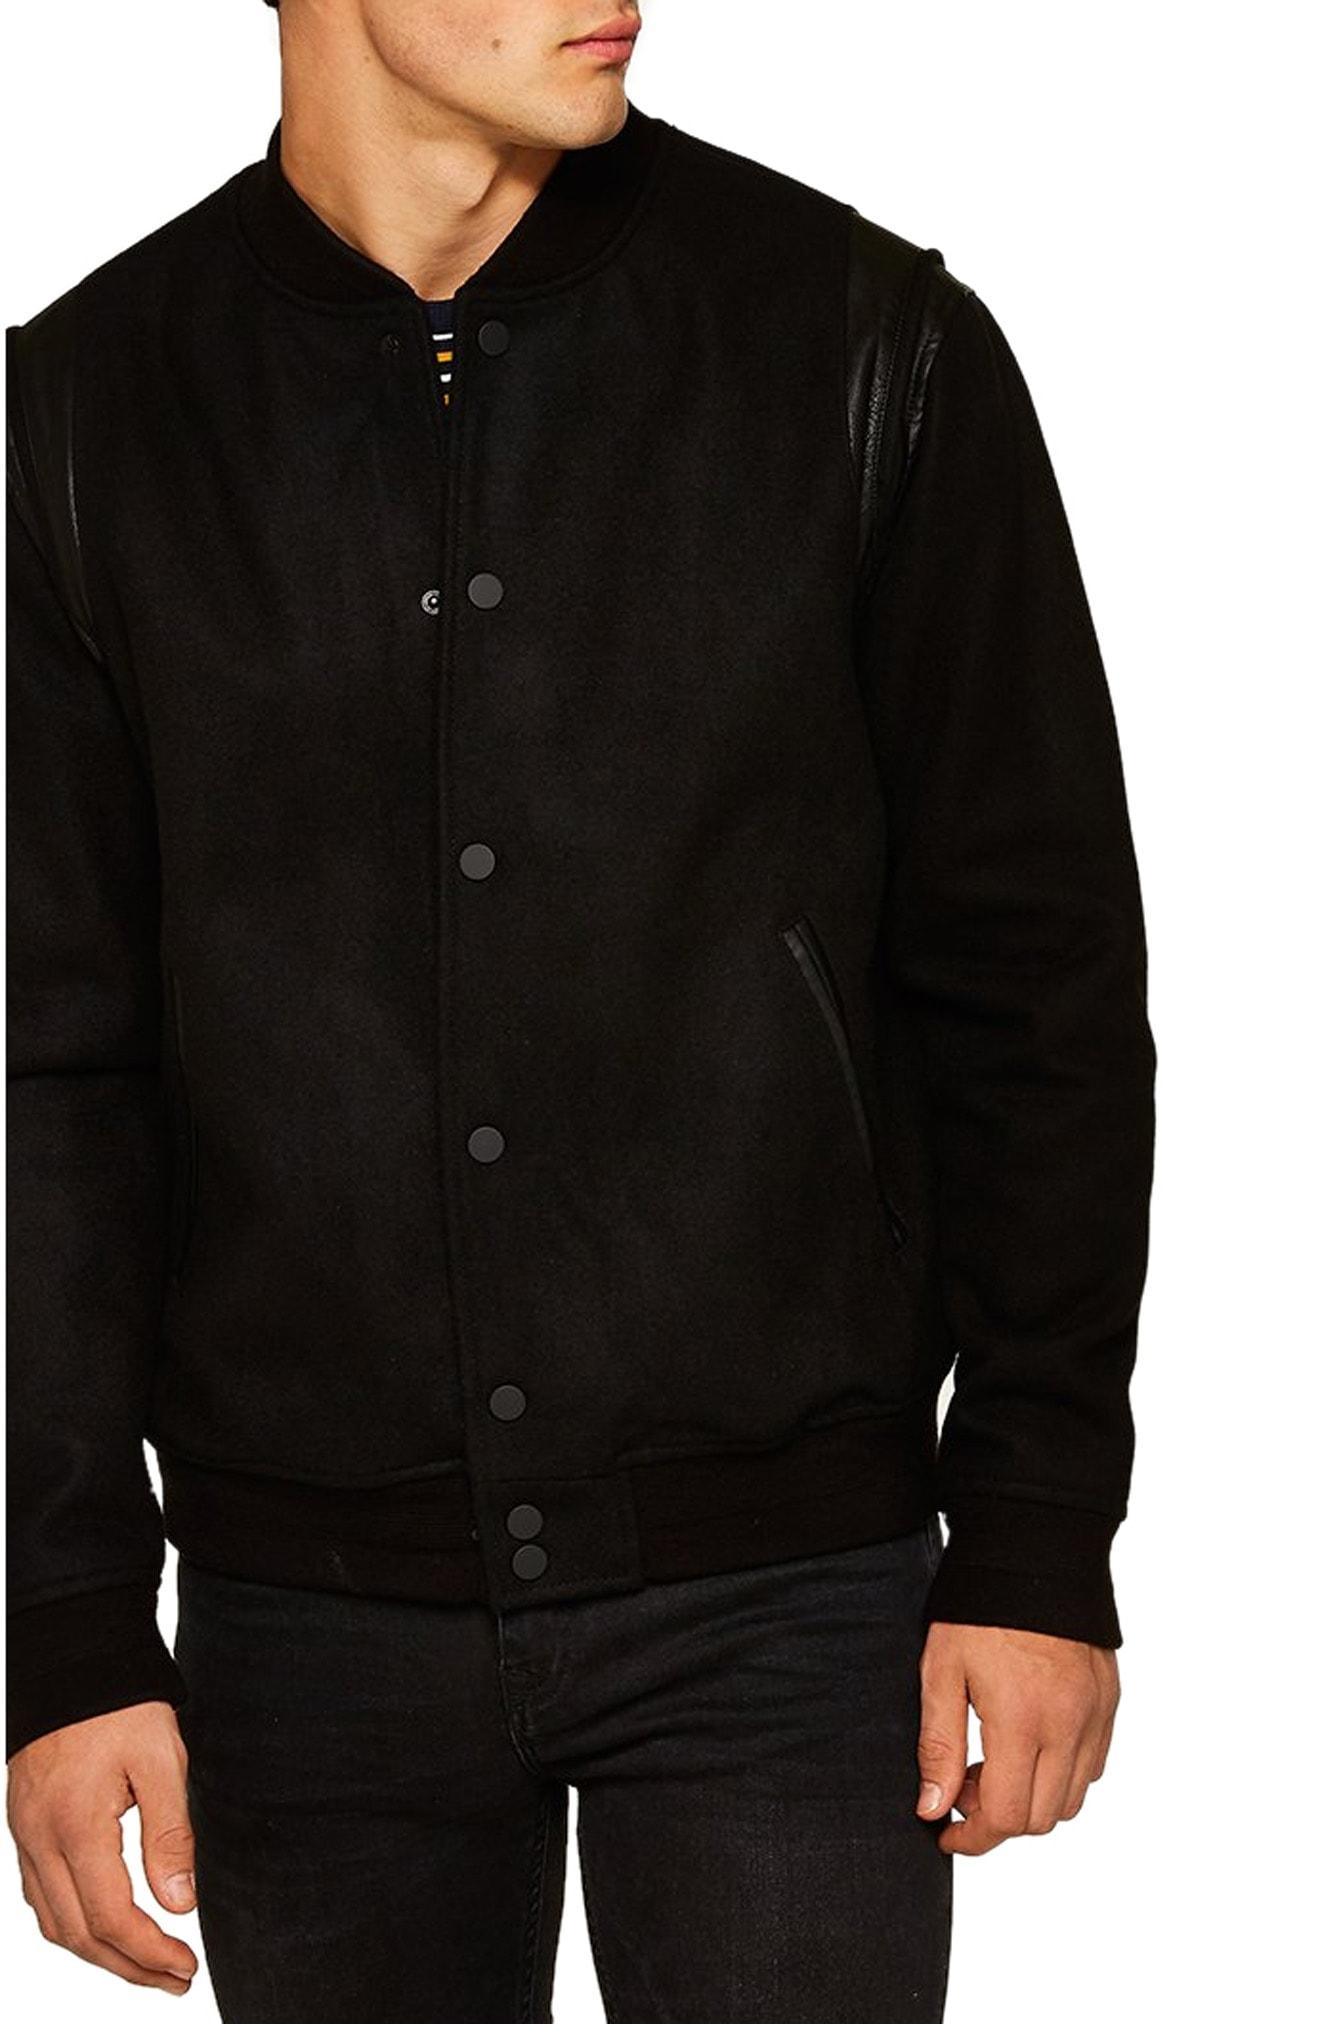 e1a5ab320 Men's Topman Wool Blend Varsity Jacket, Size Medium - Black